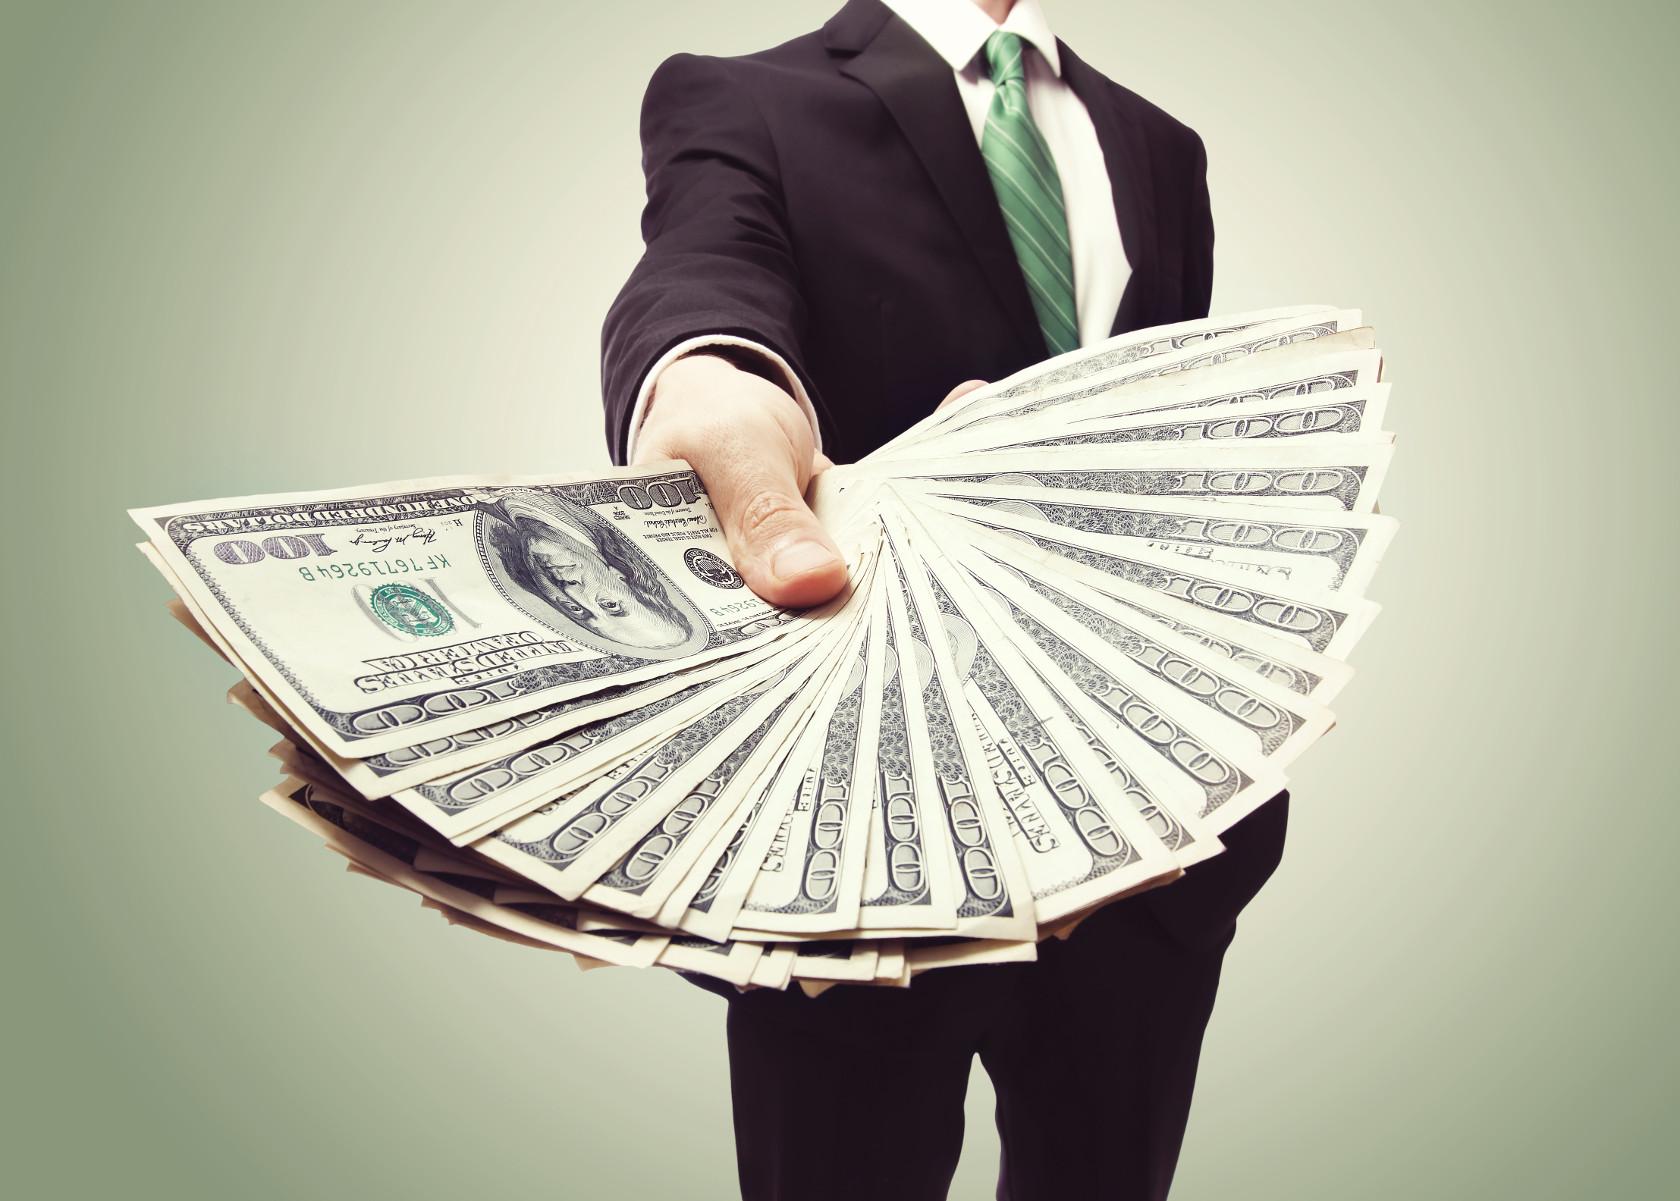 פיצוי כספי בעת תאונה